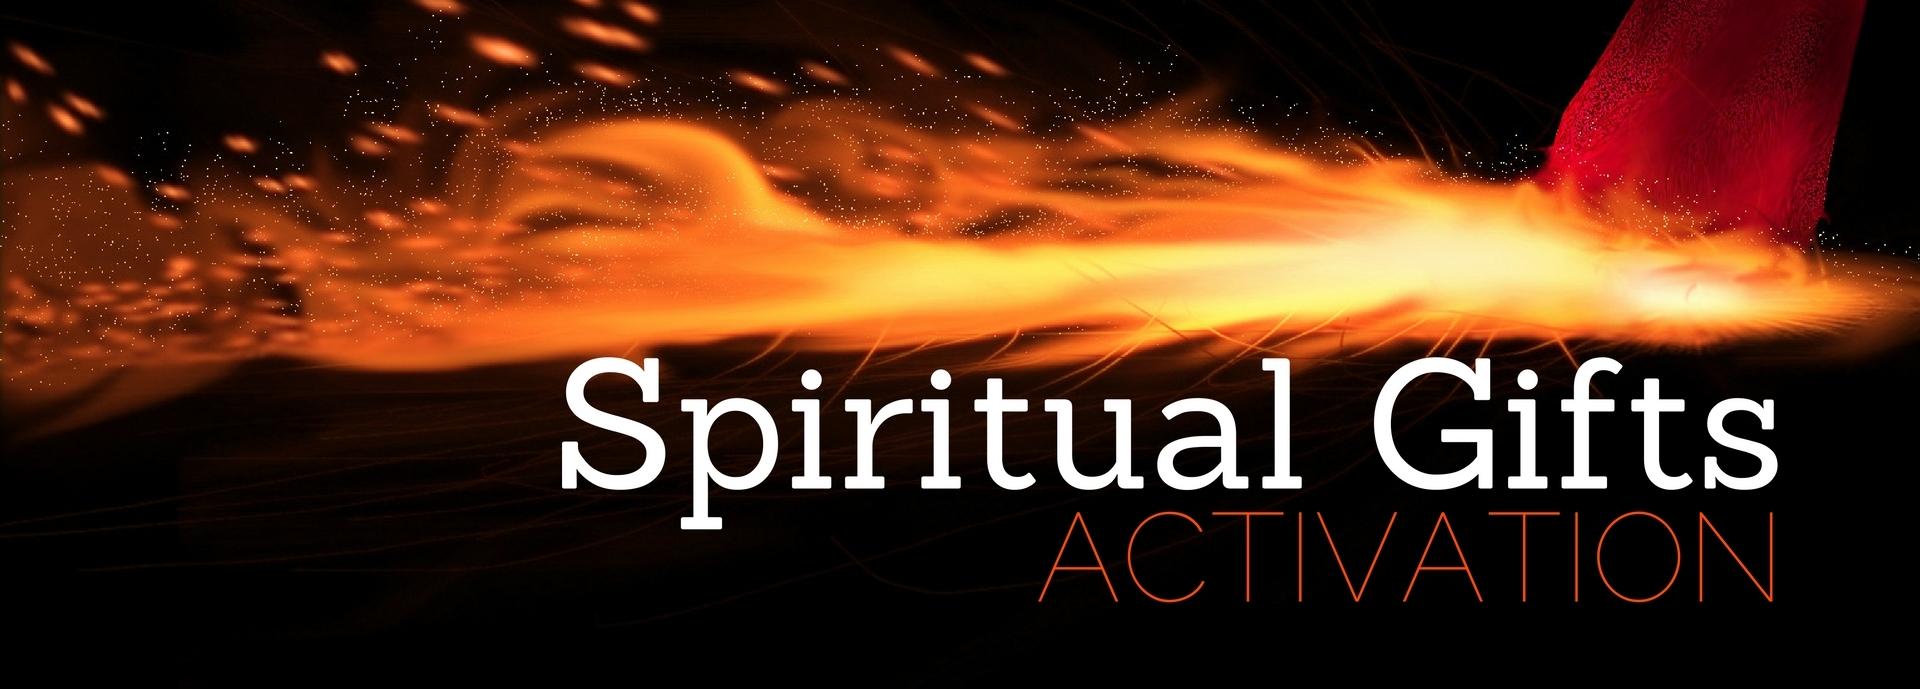 Spiritual Gifts Web Image.jpg